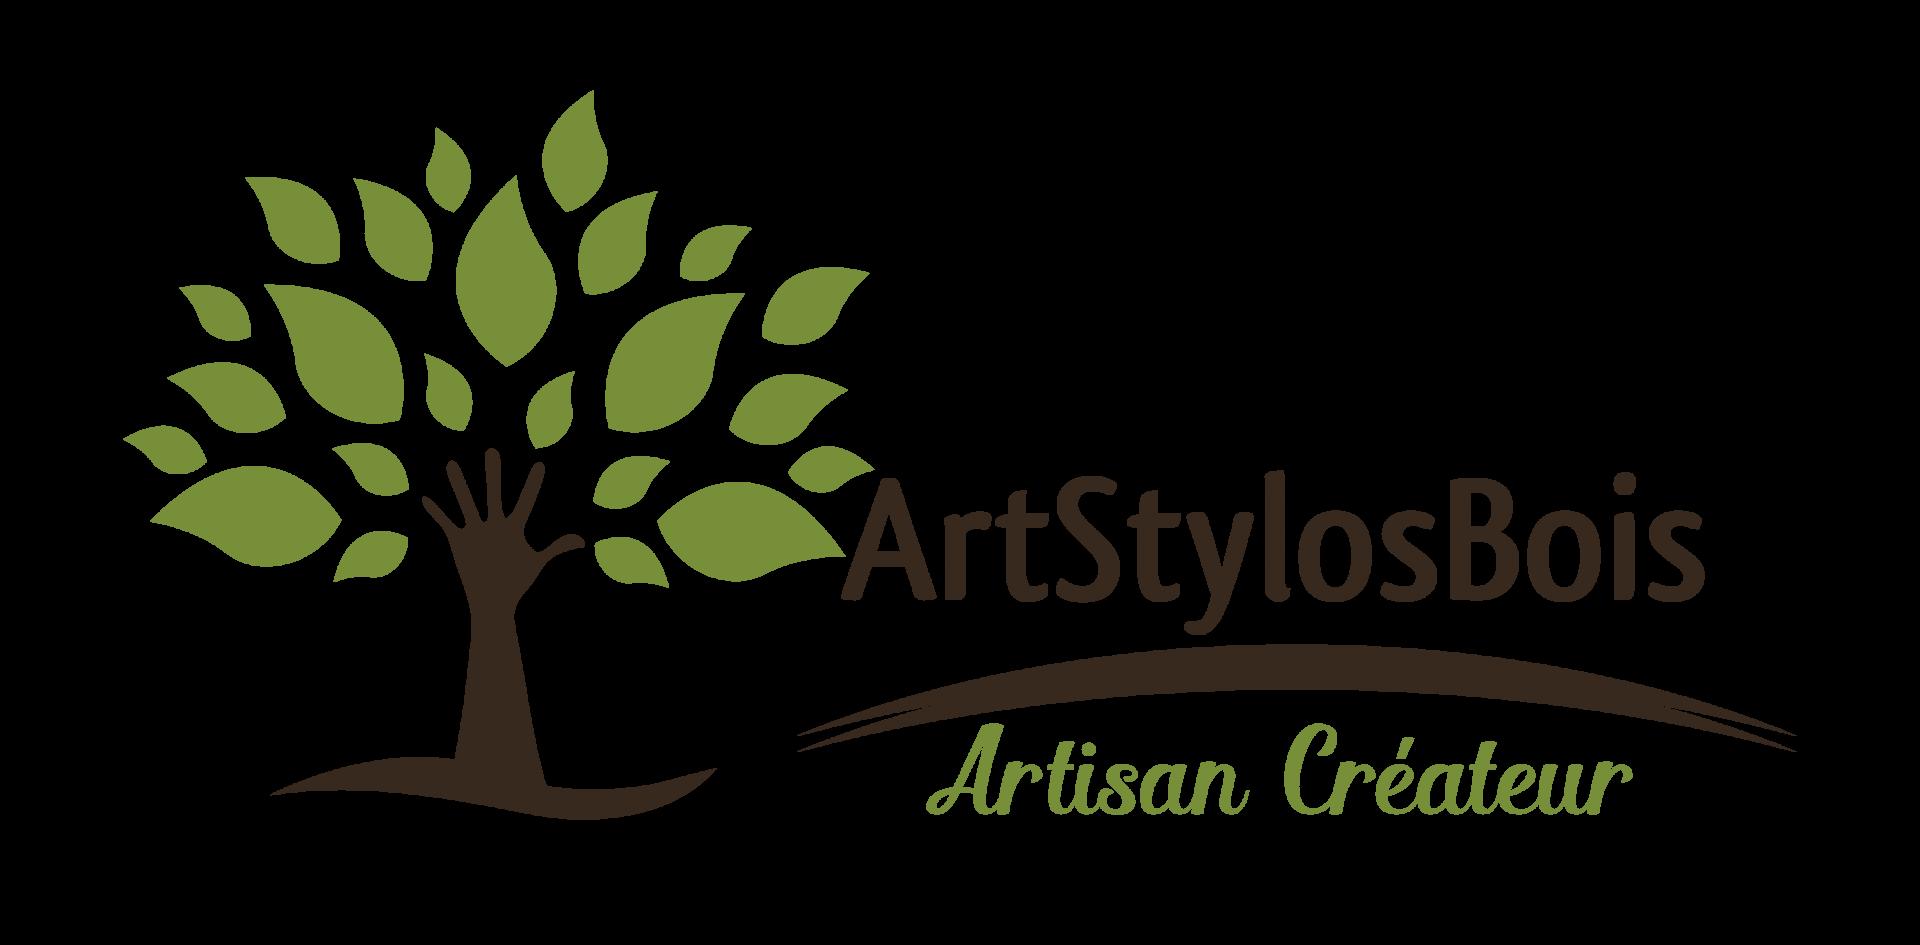 ArtStylosBois